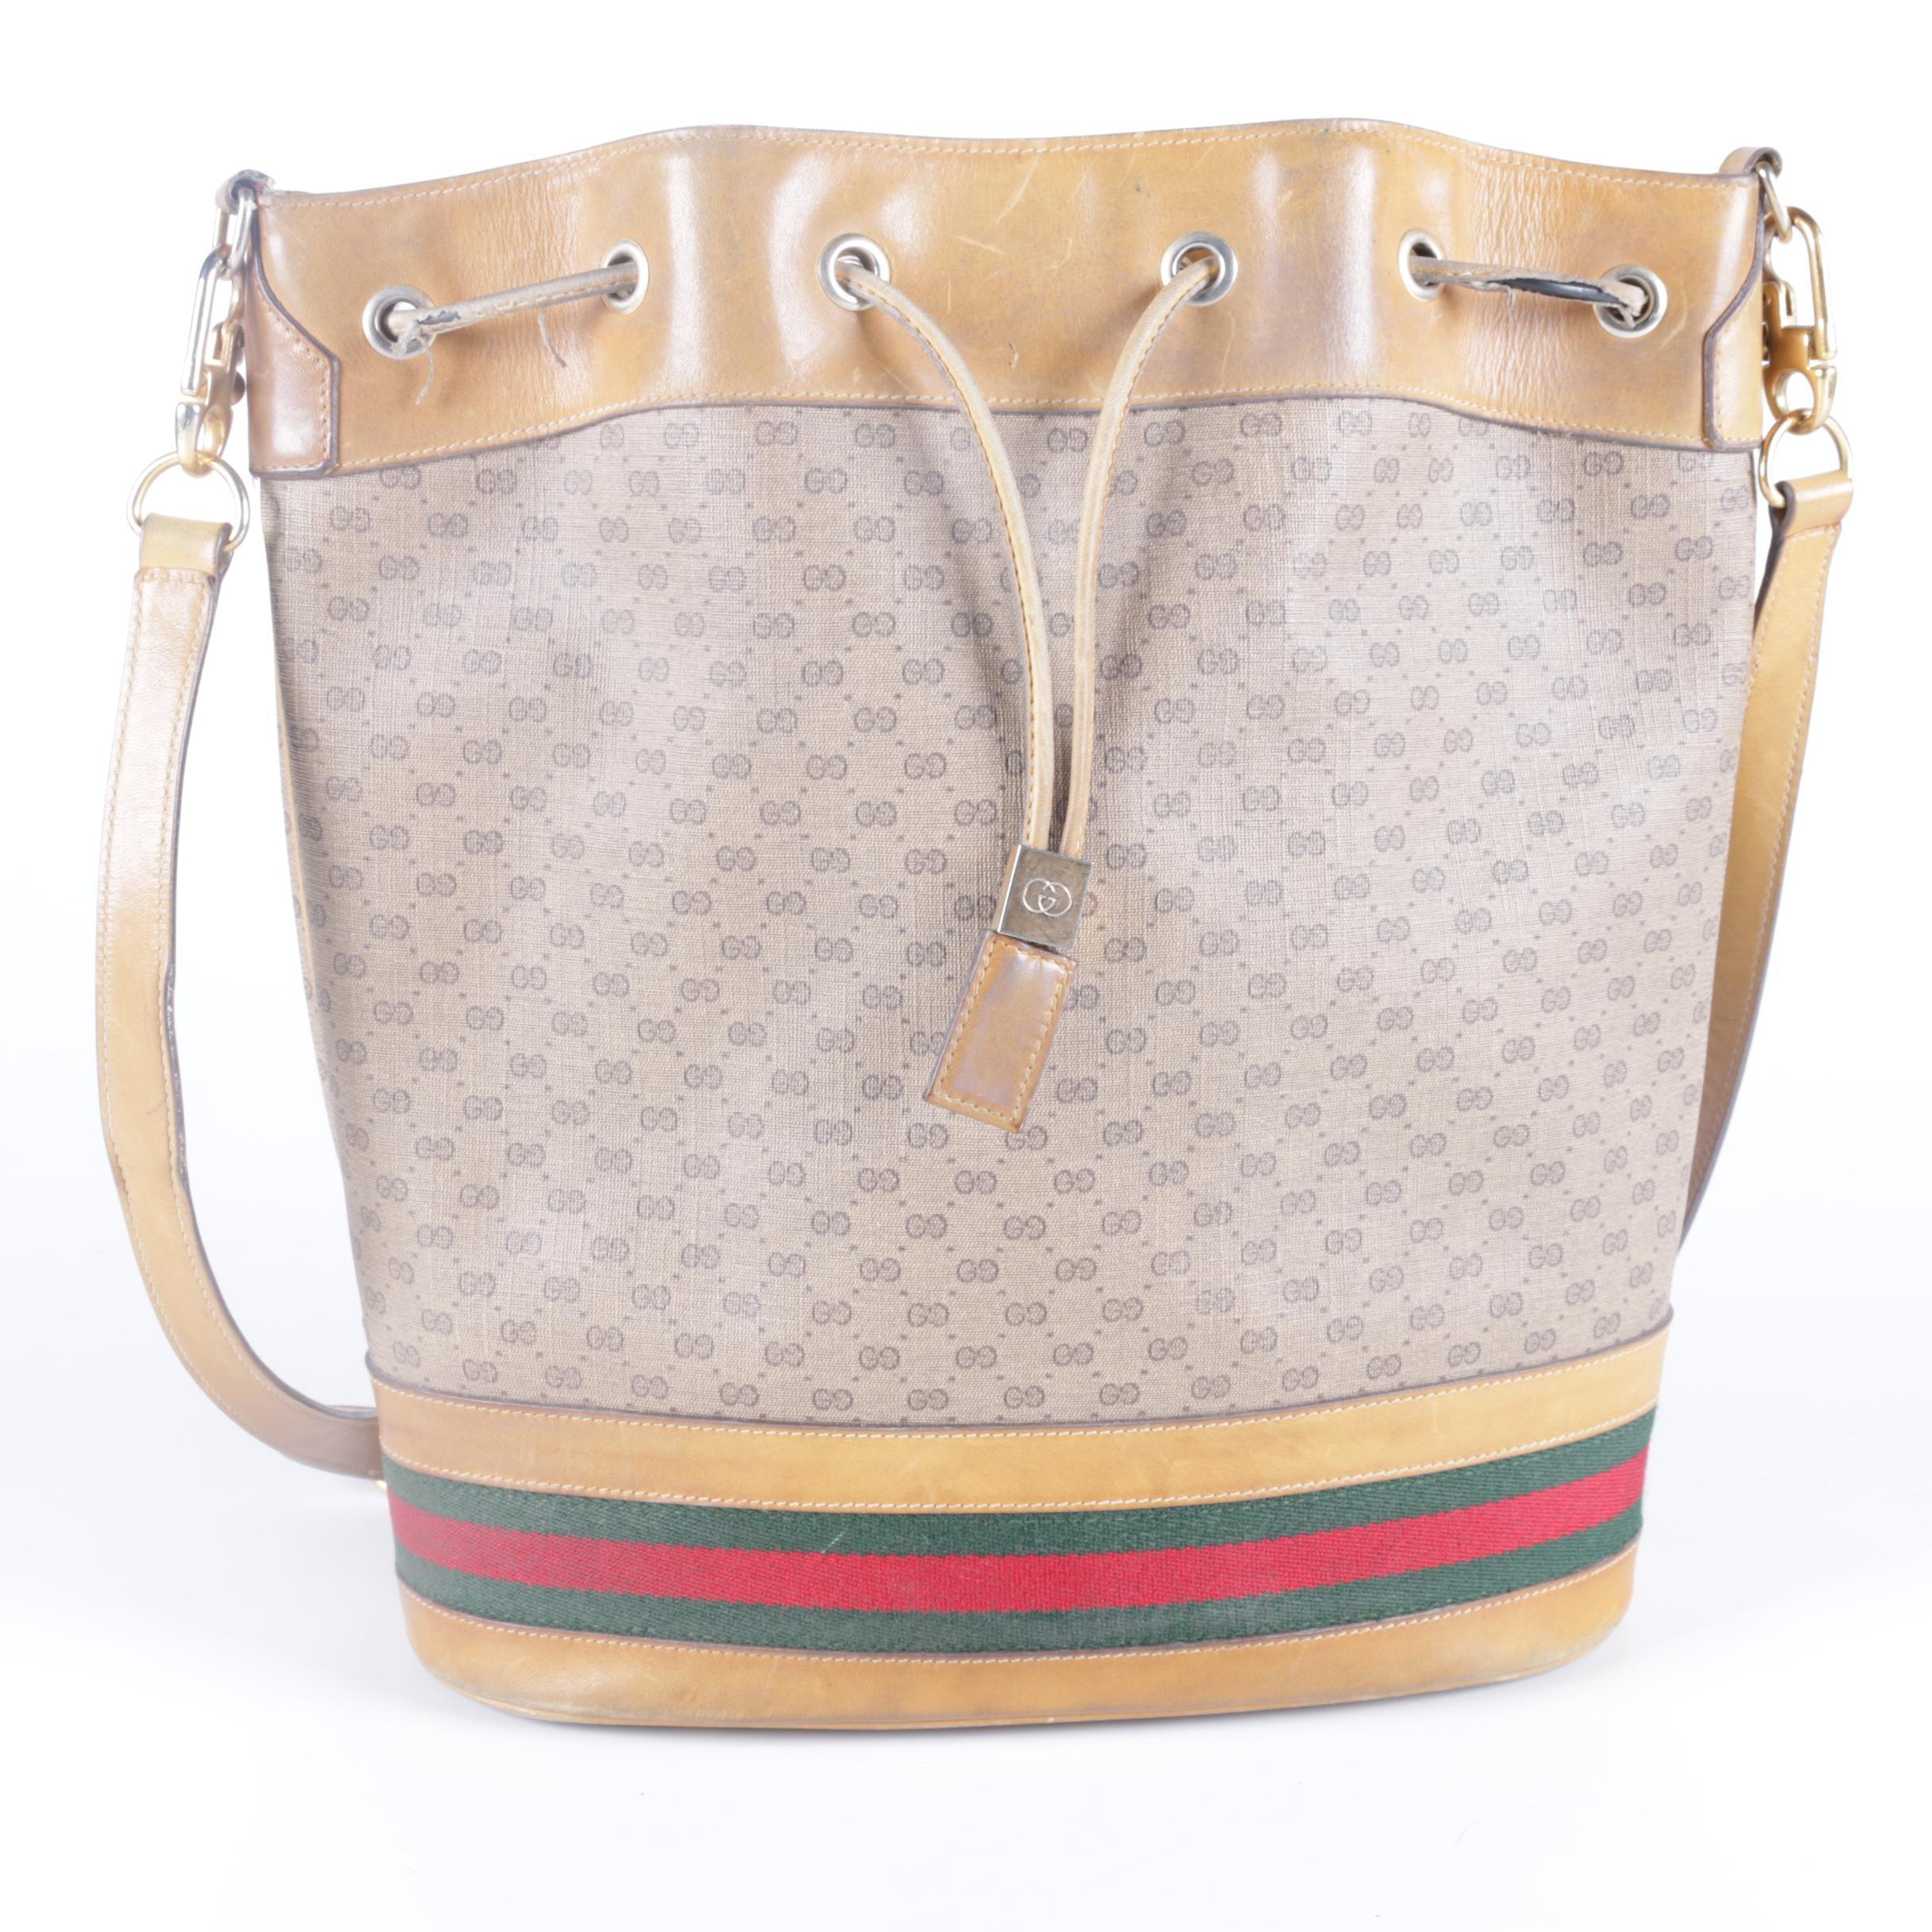 Vintage Gucci Monogram Bucket Bag